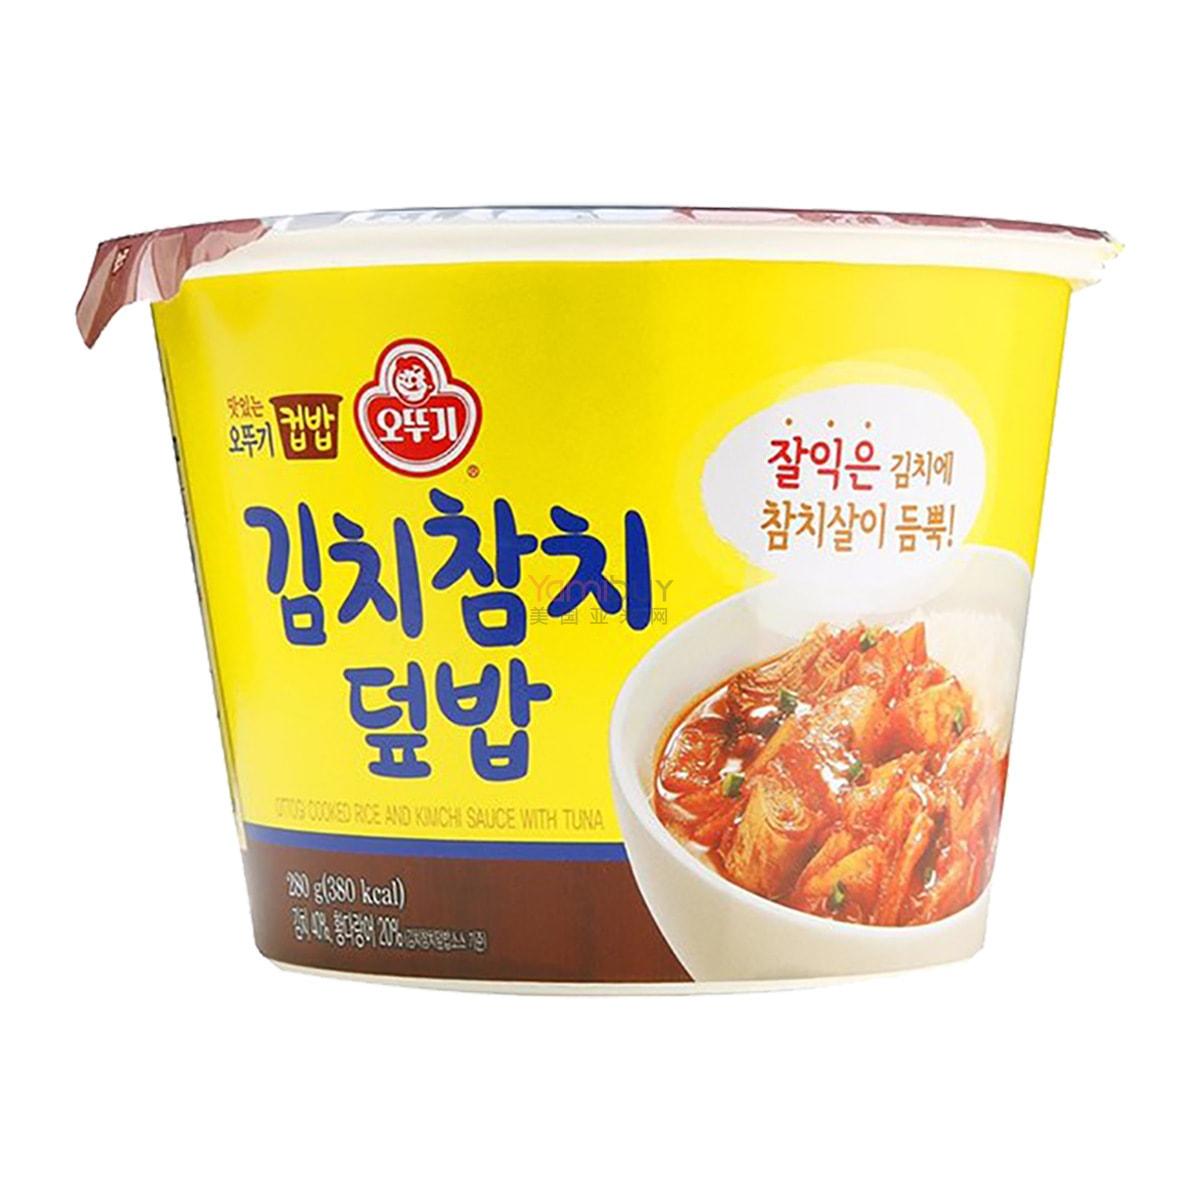 韩国OTTOGI不倒翁 金枪鱼泡菜韩式拌饭 280g